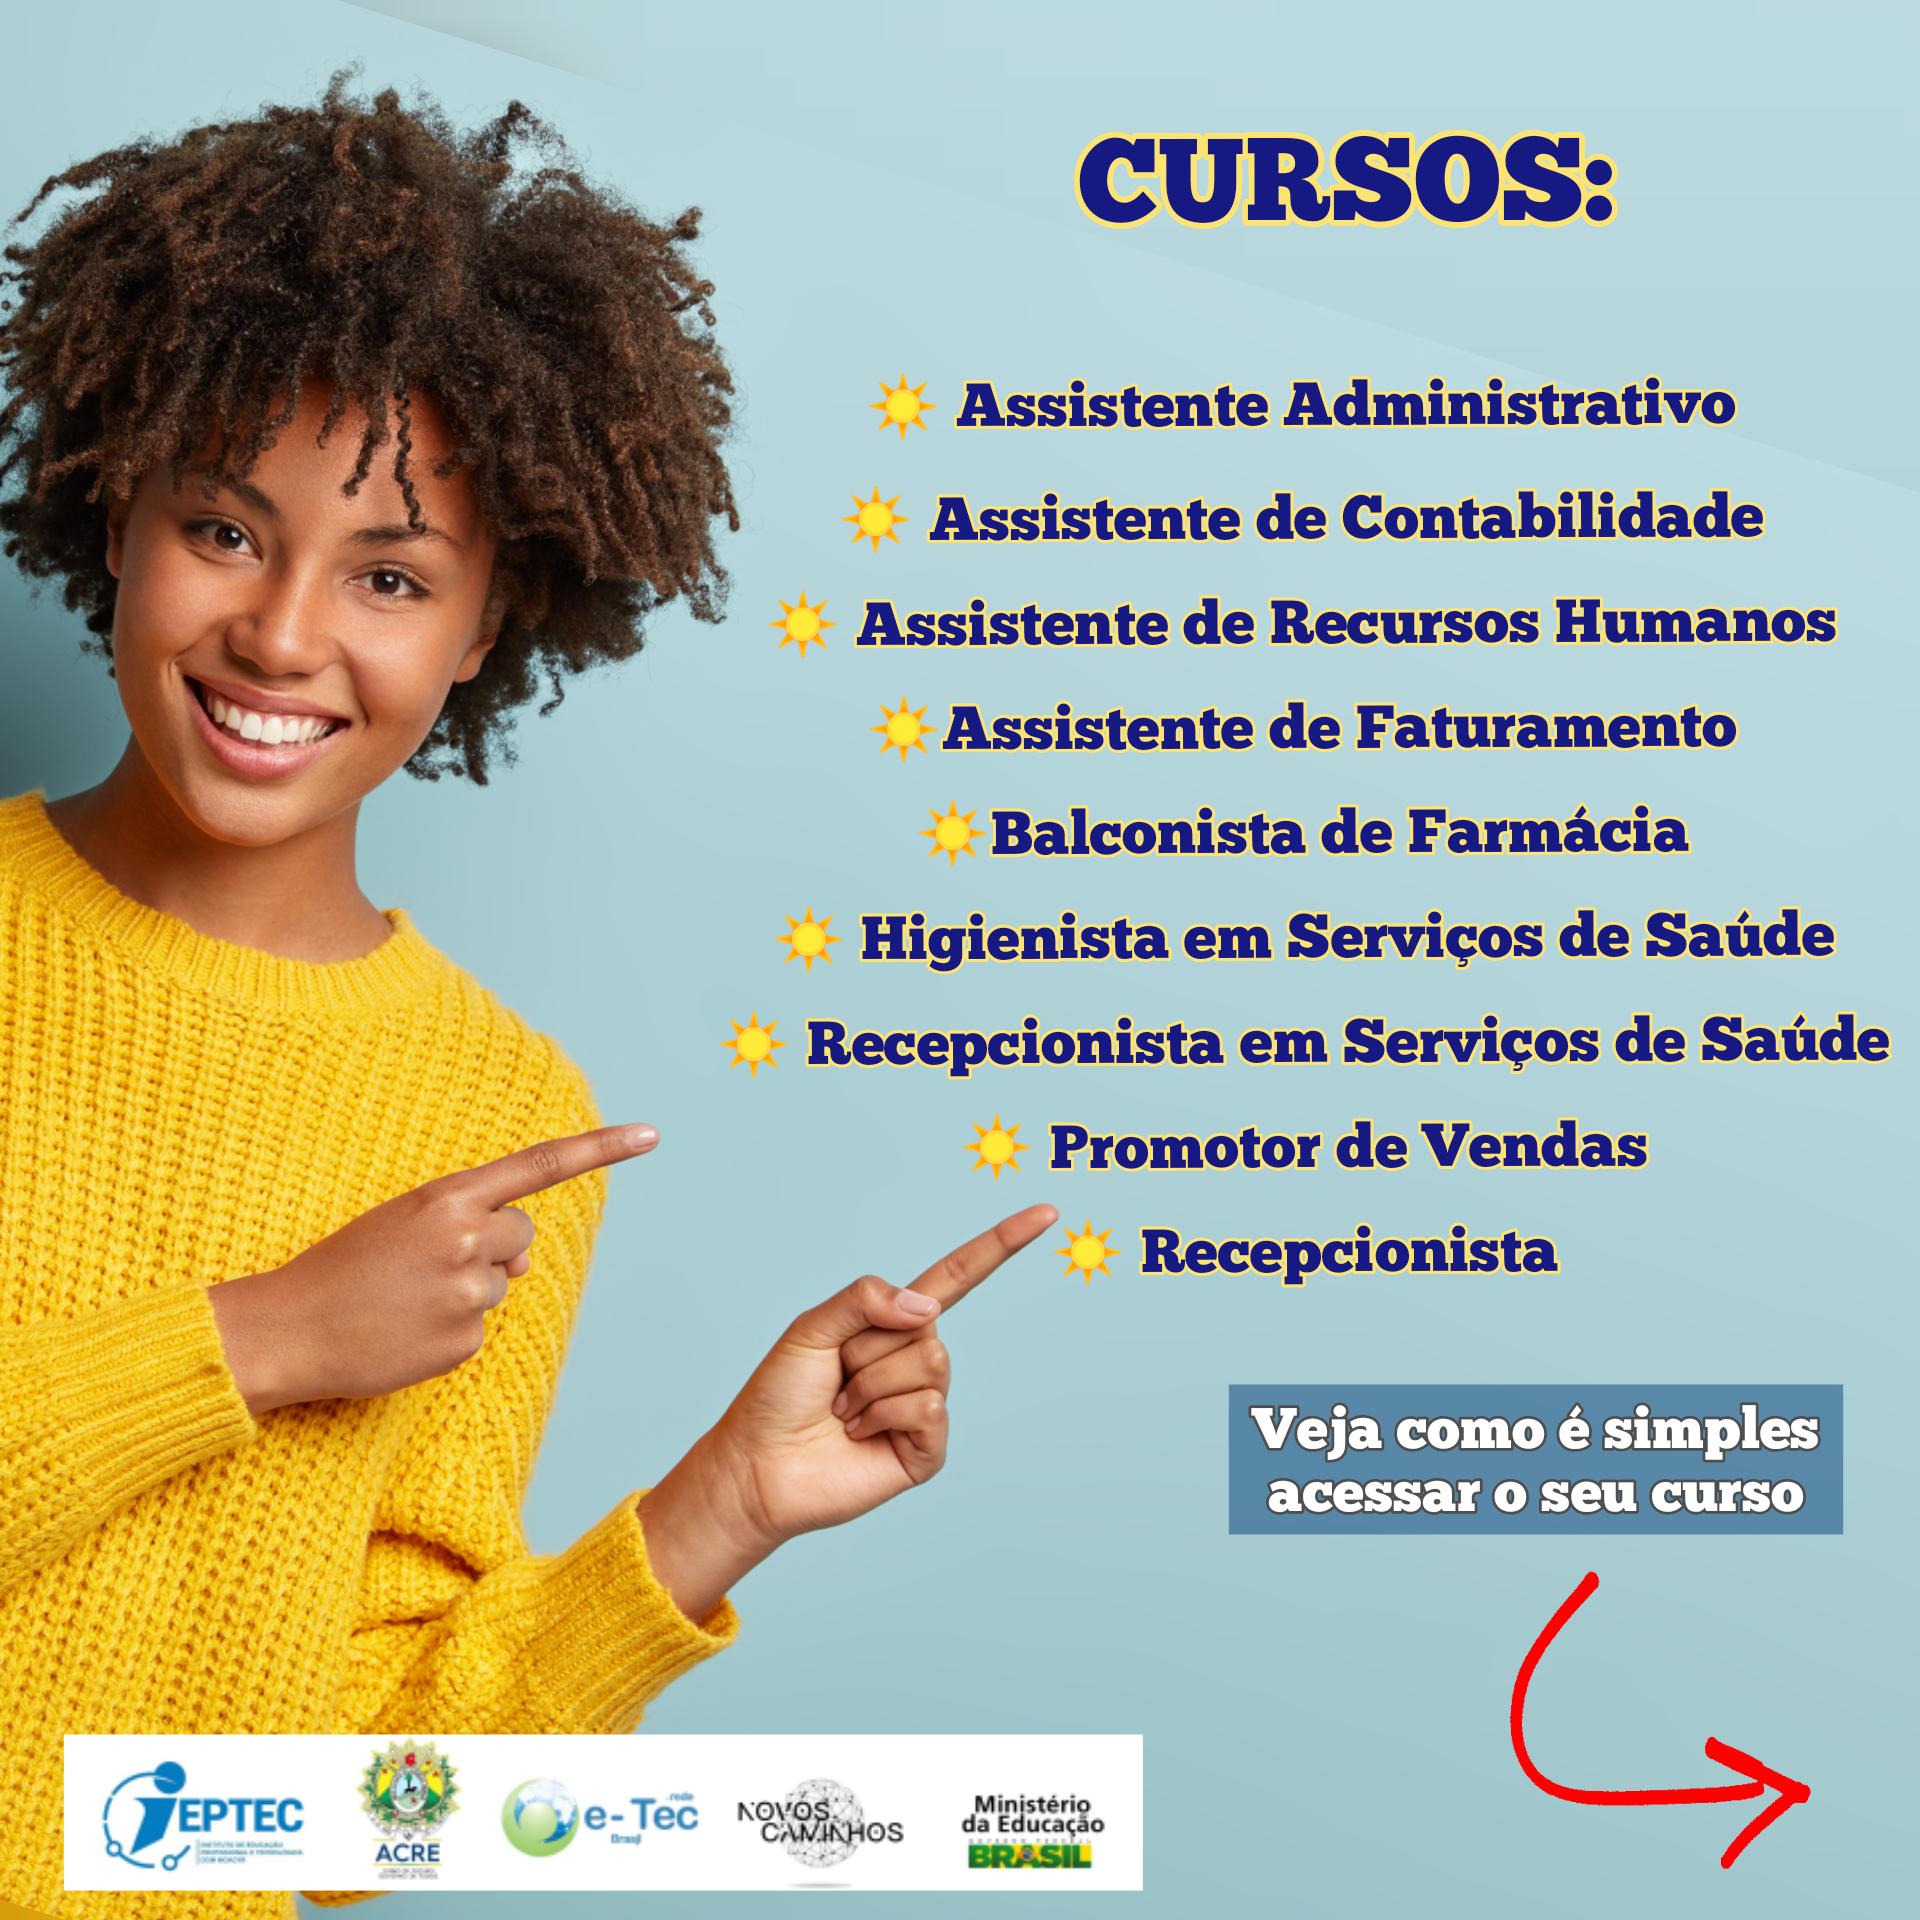 INICIO CURSOS FICS 2